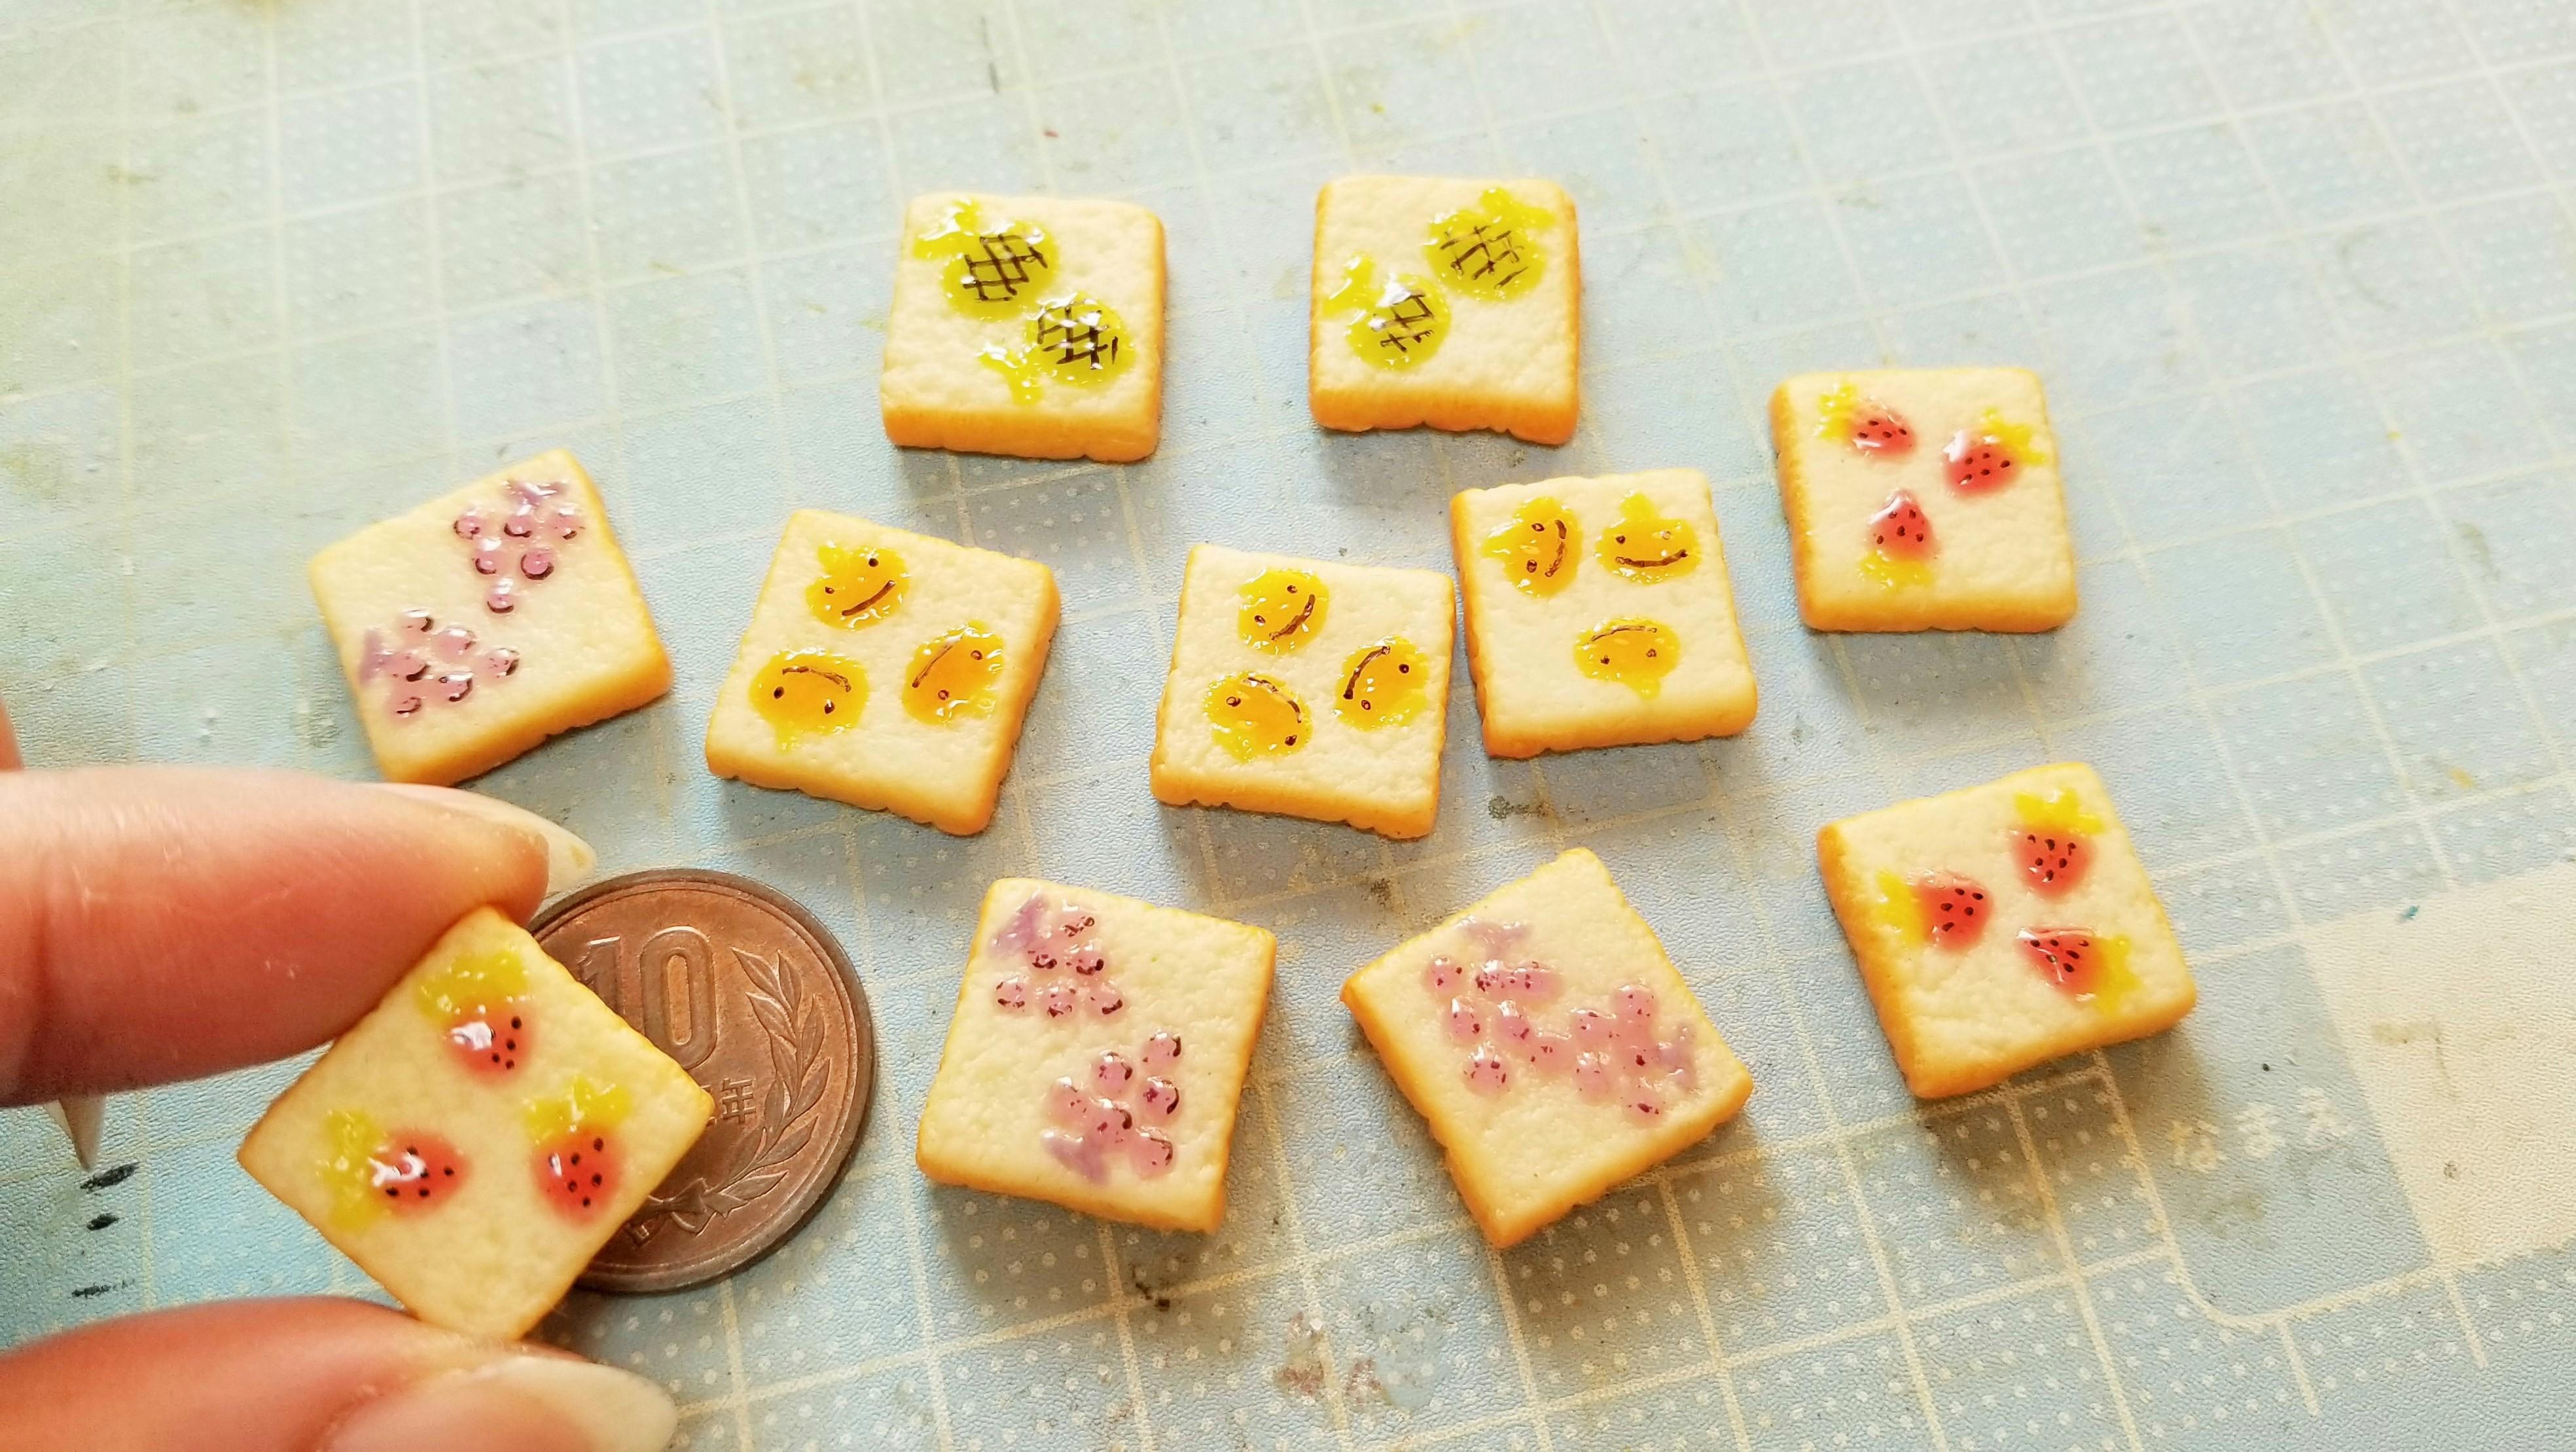 ミニチュアフード食パン柄トースト手作りかわいい食べたい人気ジャム